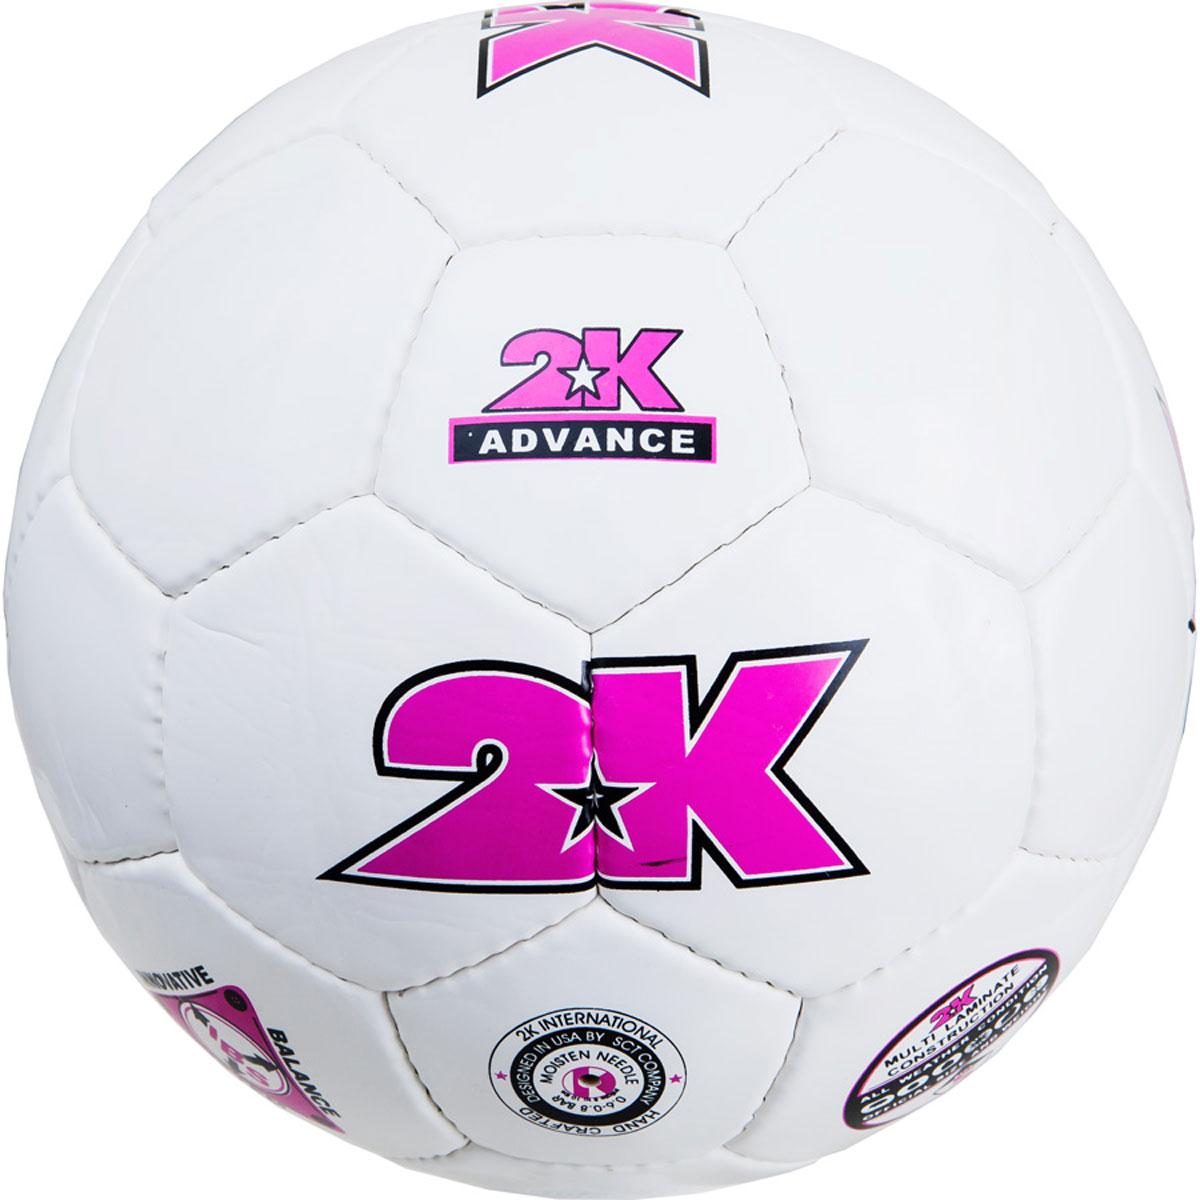 Мяч футбольный 2K Sport Advance, цвет: белый, фиолетовый. Размер 3200170Любительский футбольный мяч 2K Sport Advance изготовлен из полиуретана. Бесшовная камера выполнена из натурального латекса. Сшивка производилась вручную. Швы проклеены для герметизации.